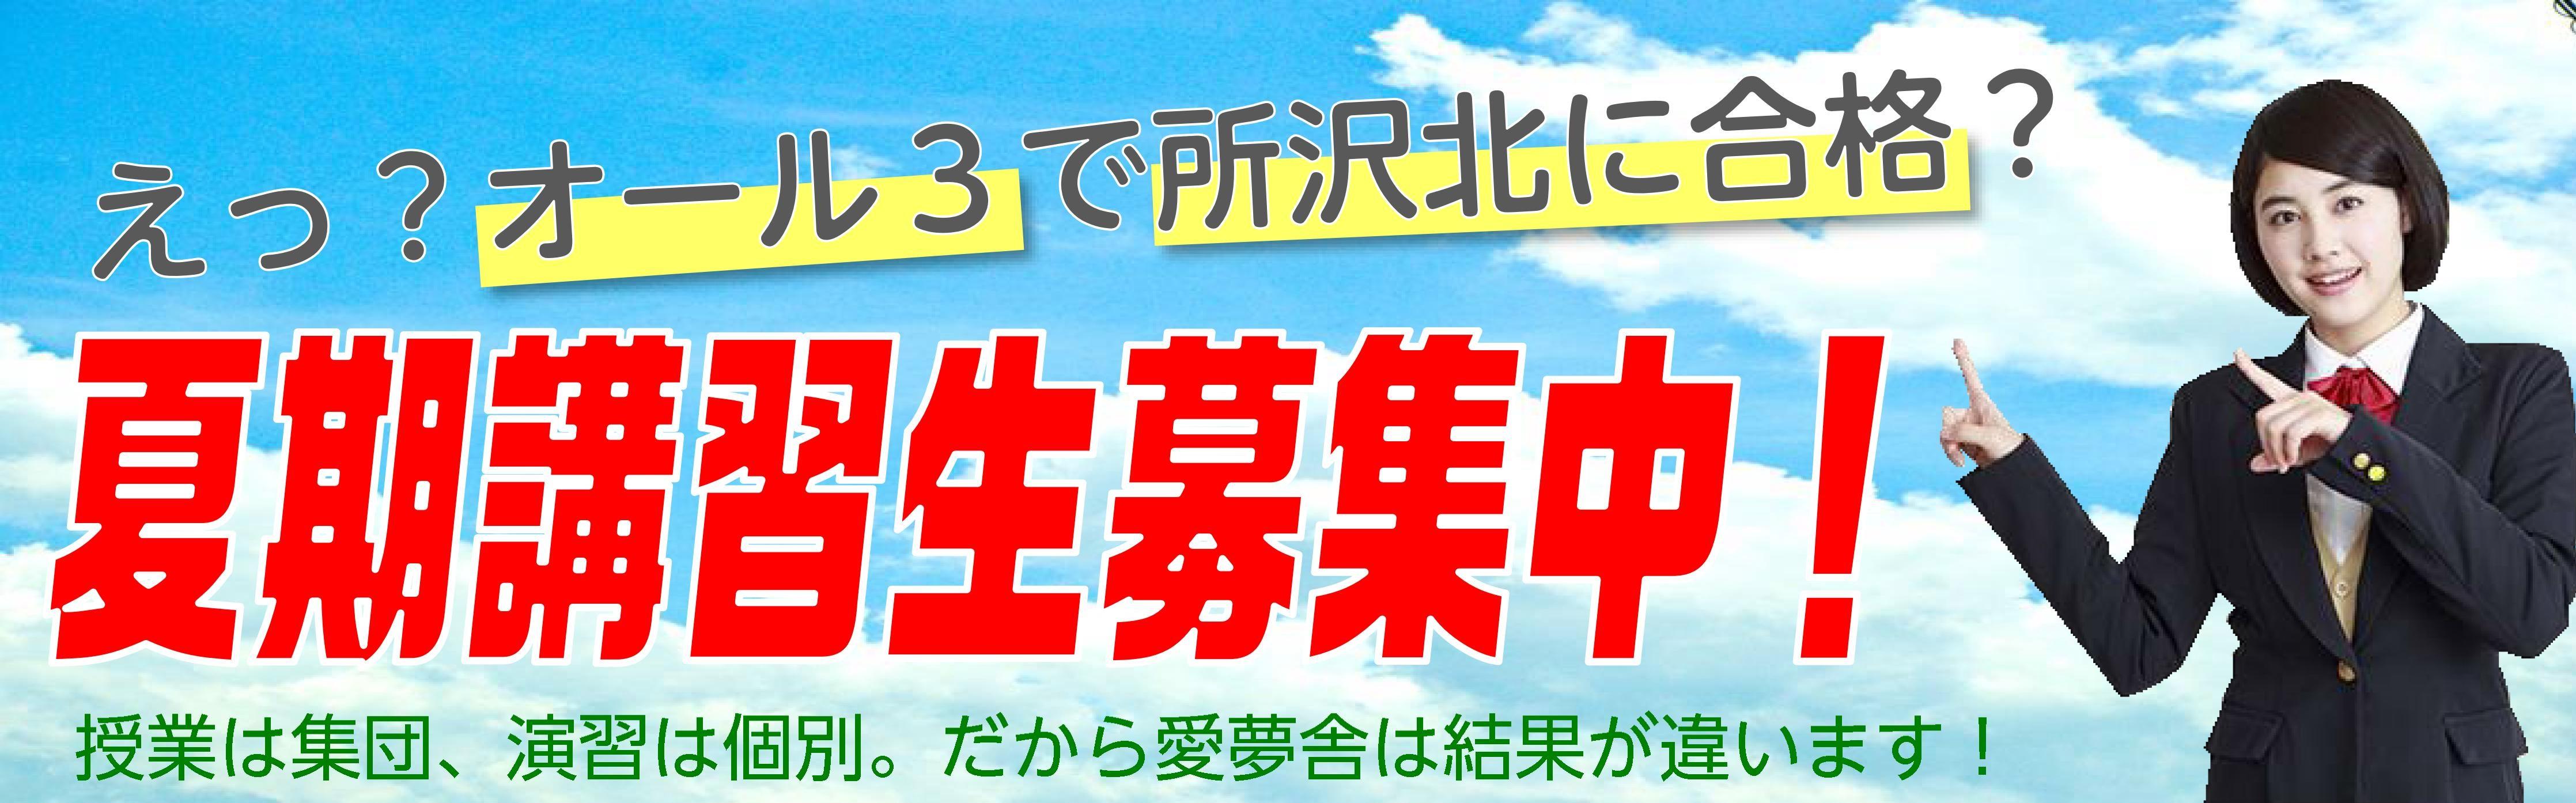 えっ?オール3で所沢北に合格? 6月入会生募集中!